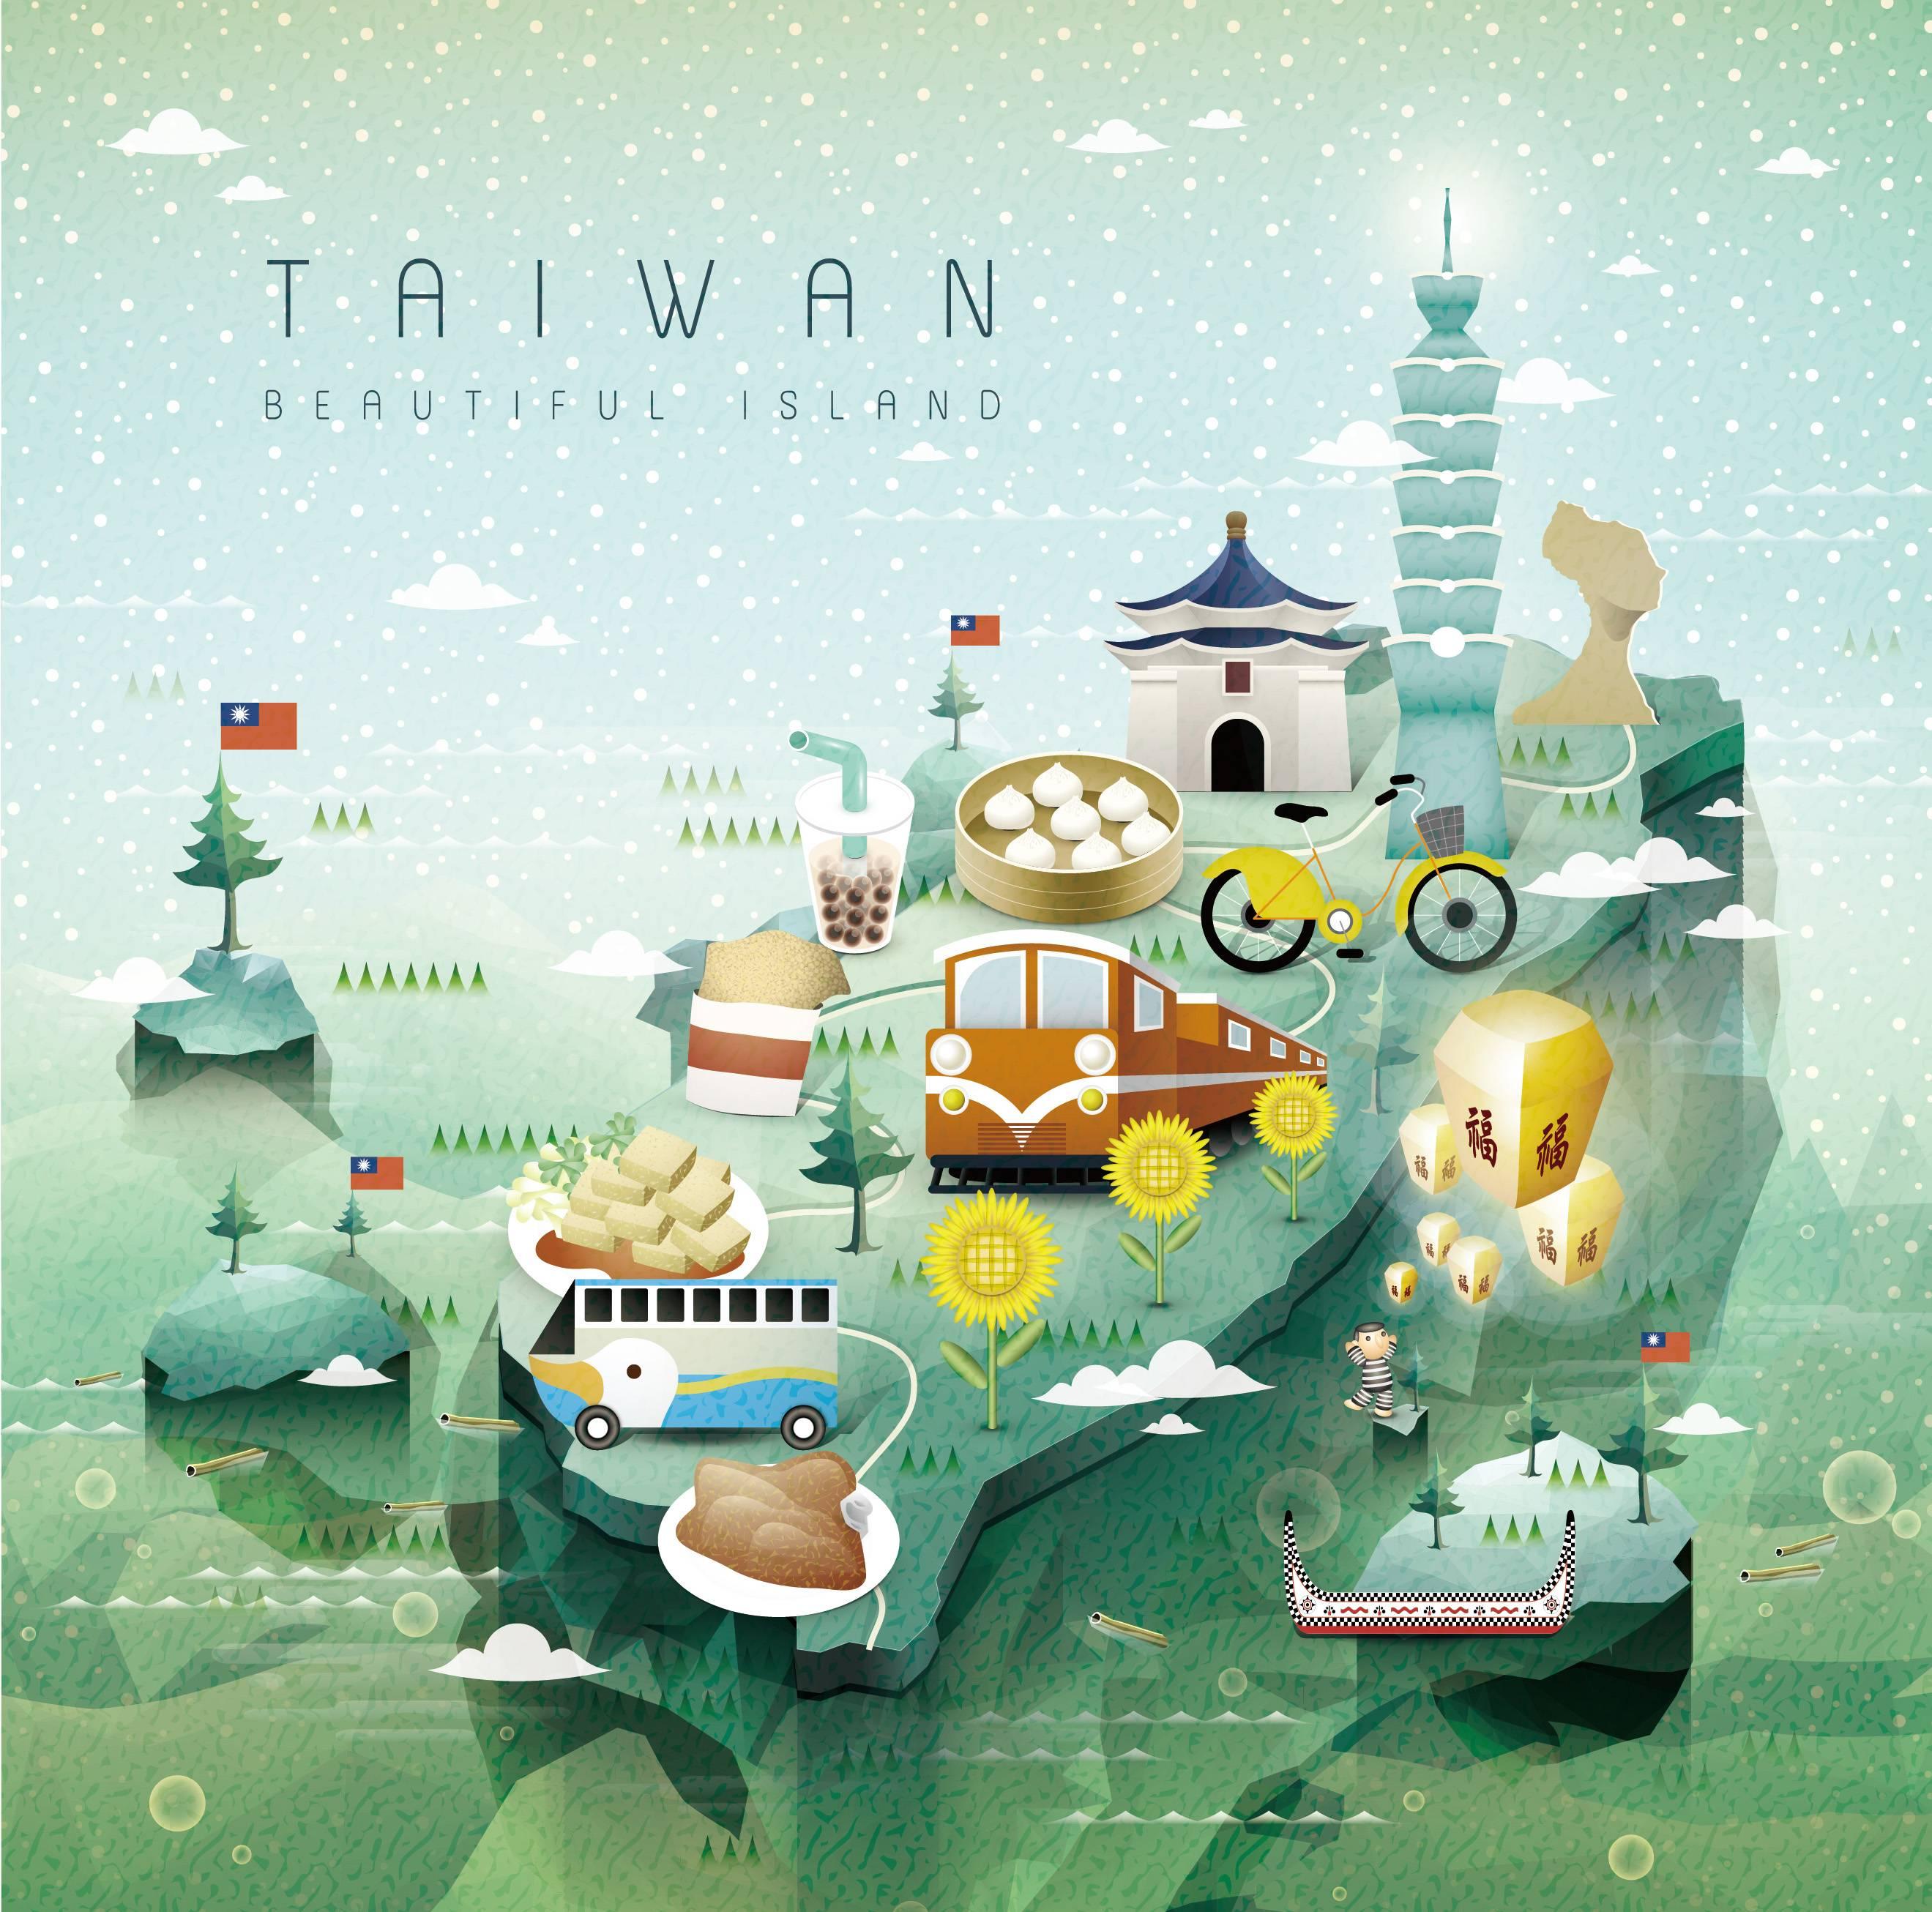 台湾v攻略扁平化创意导视攻略乞力马扎罗地图图片